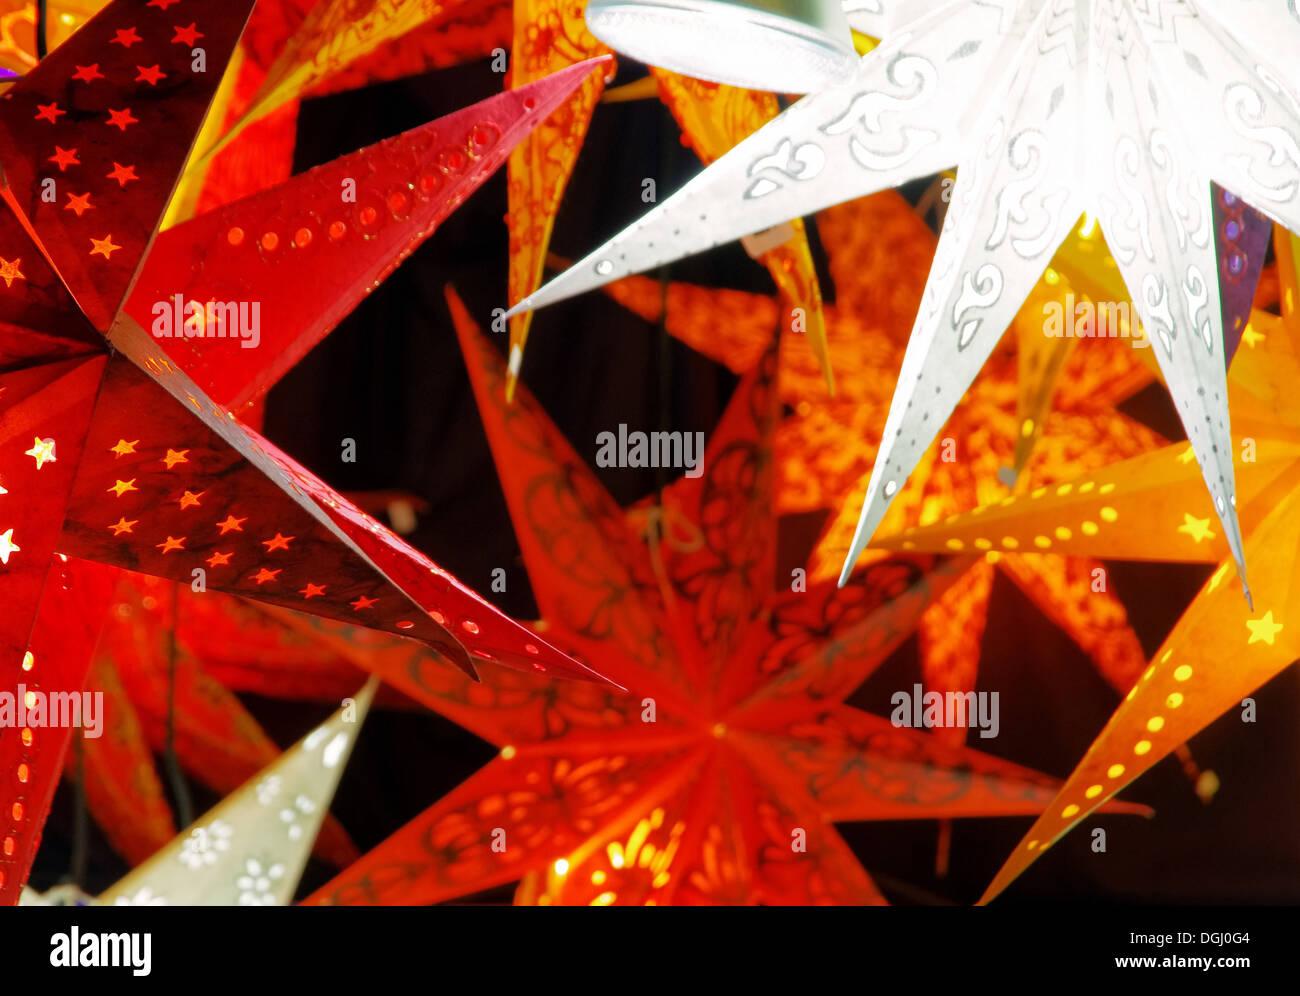 Stern - Sterne 09 Stockbild